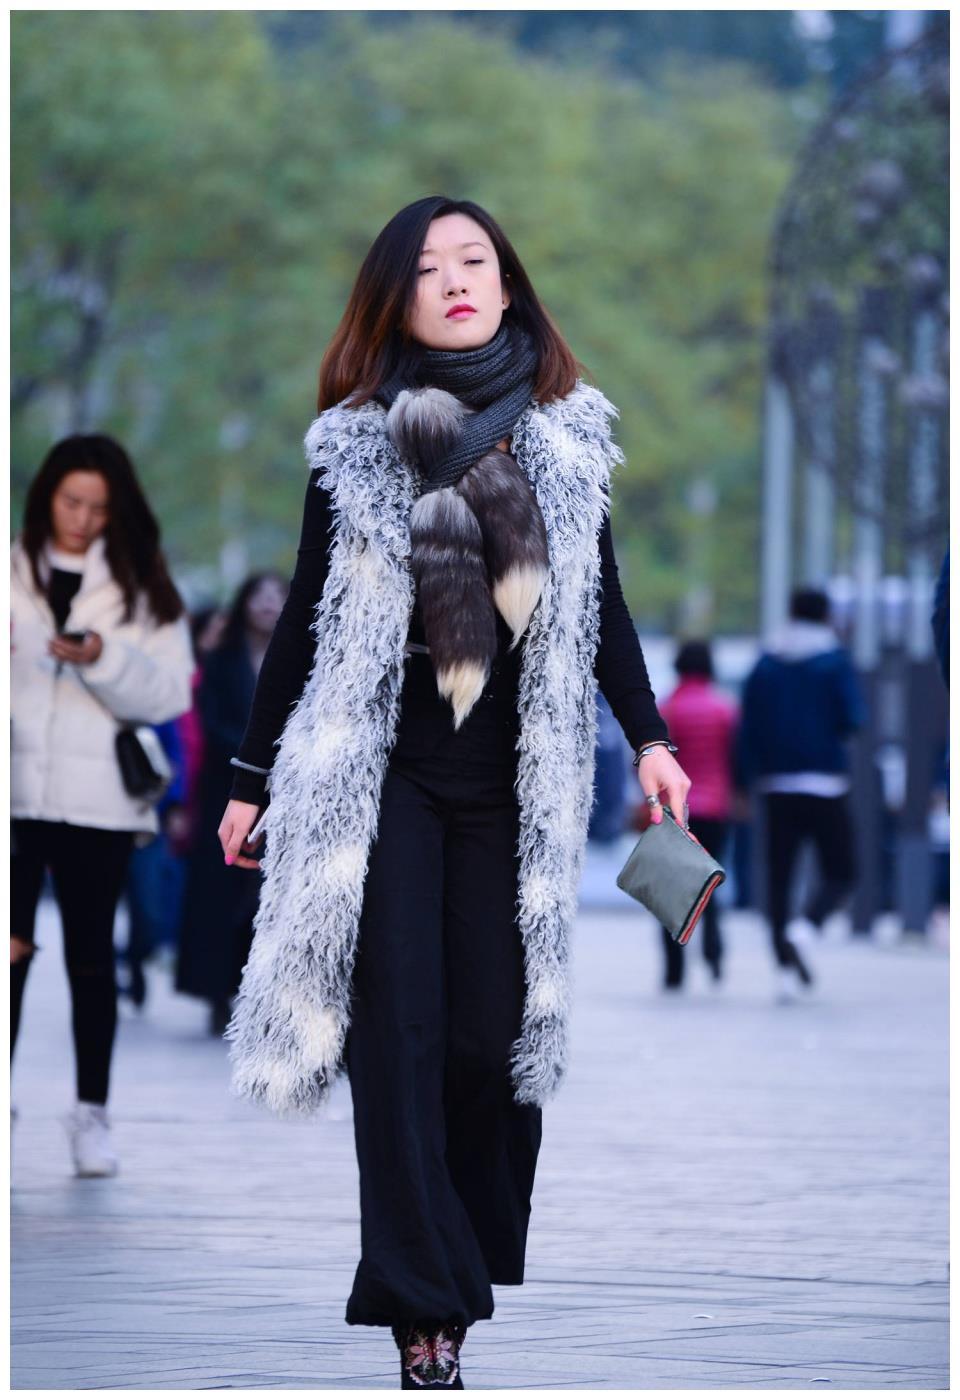 长无袖仿皮草大衣穿出风度,搭配高跟短靴更精致,时髦显高